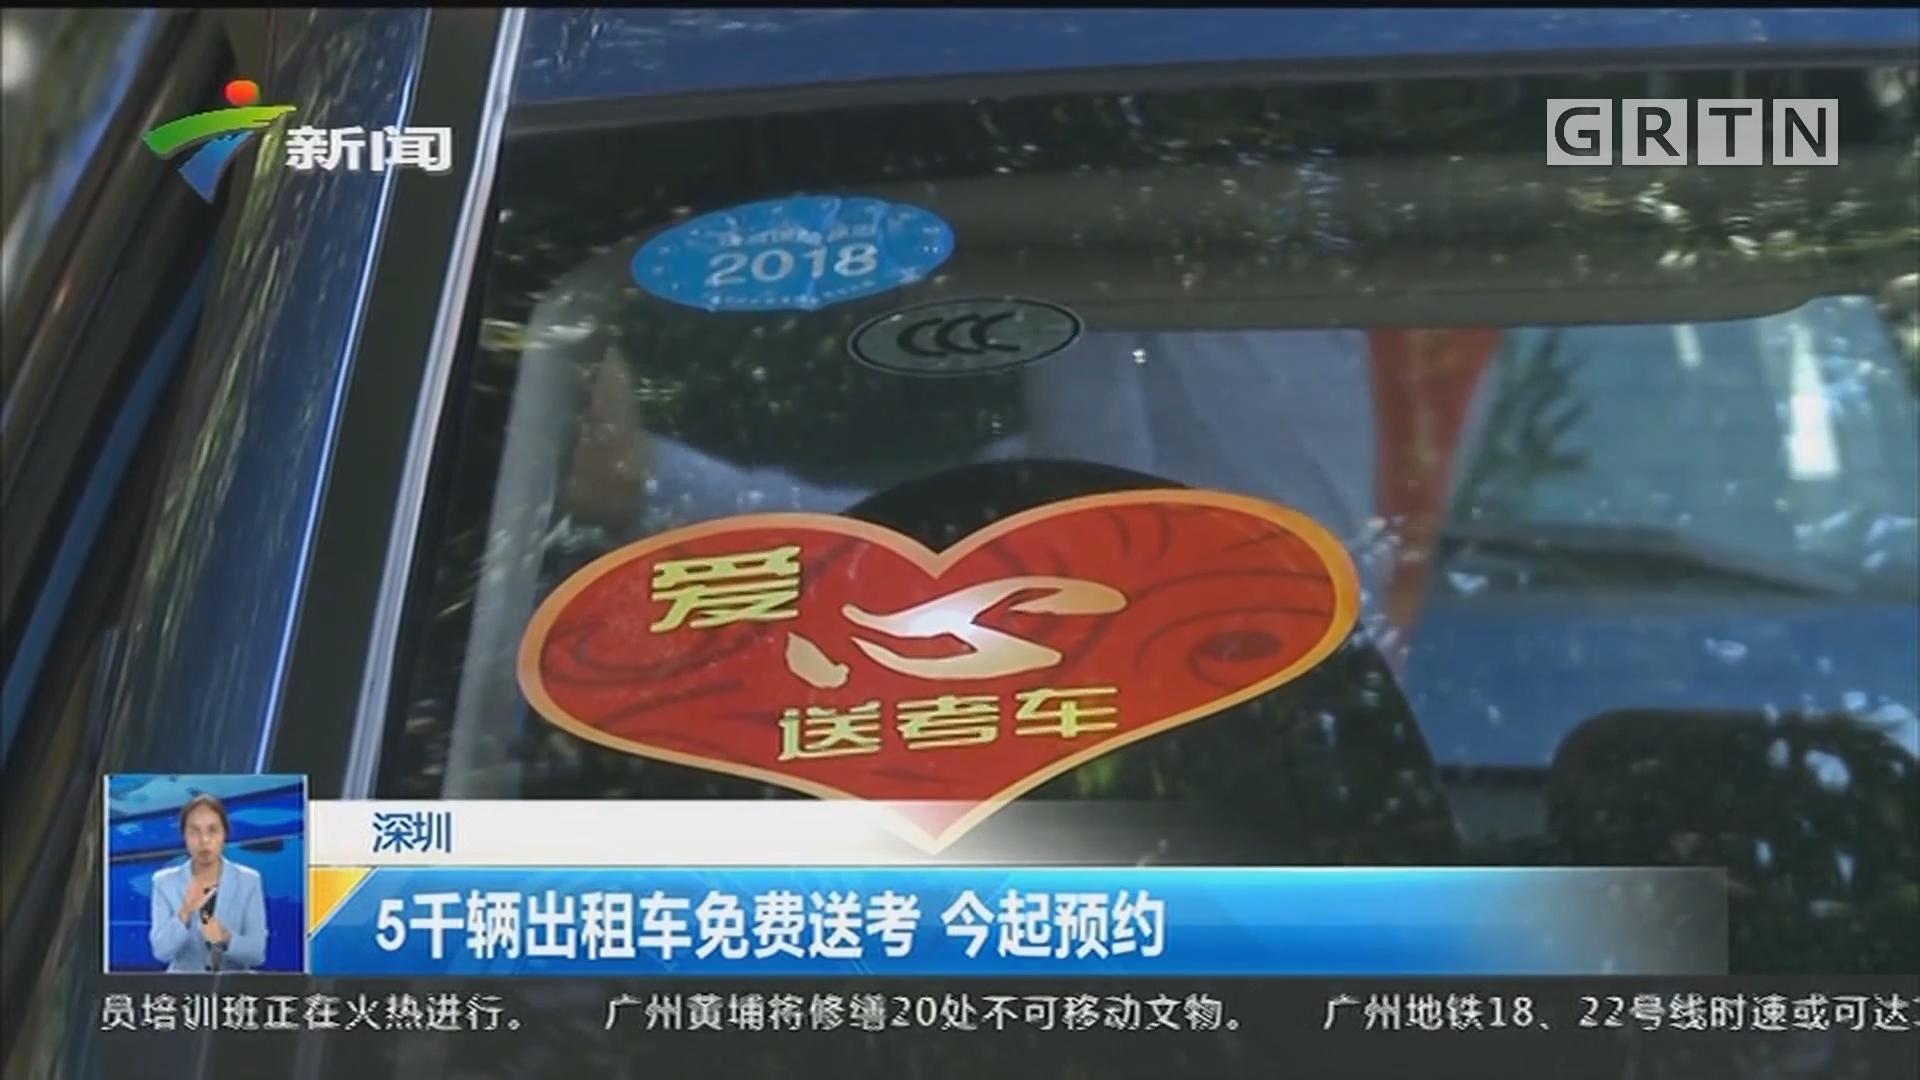 深圳:5千辆出租车免费送考 今起预约